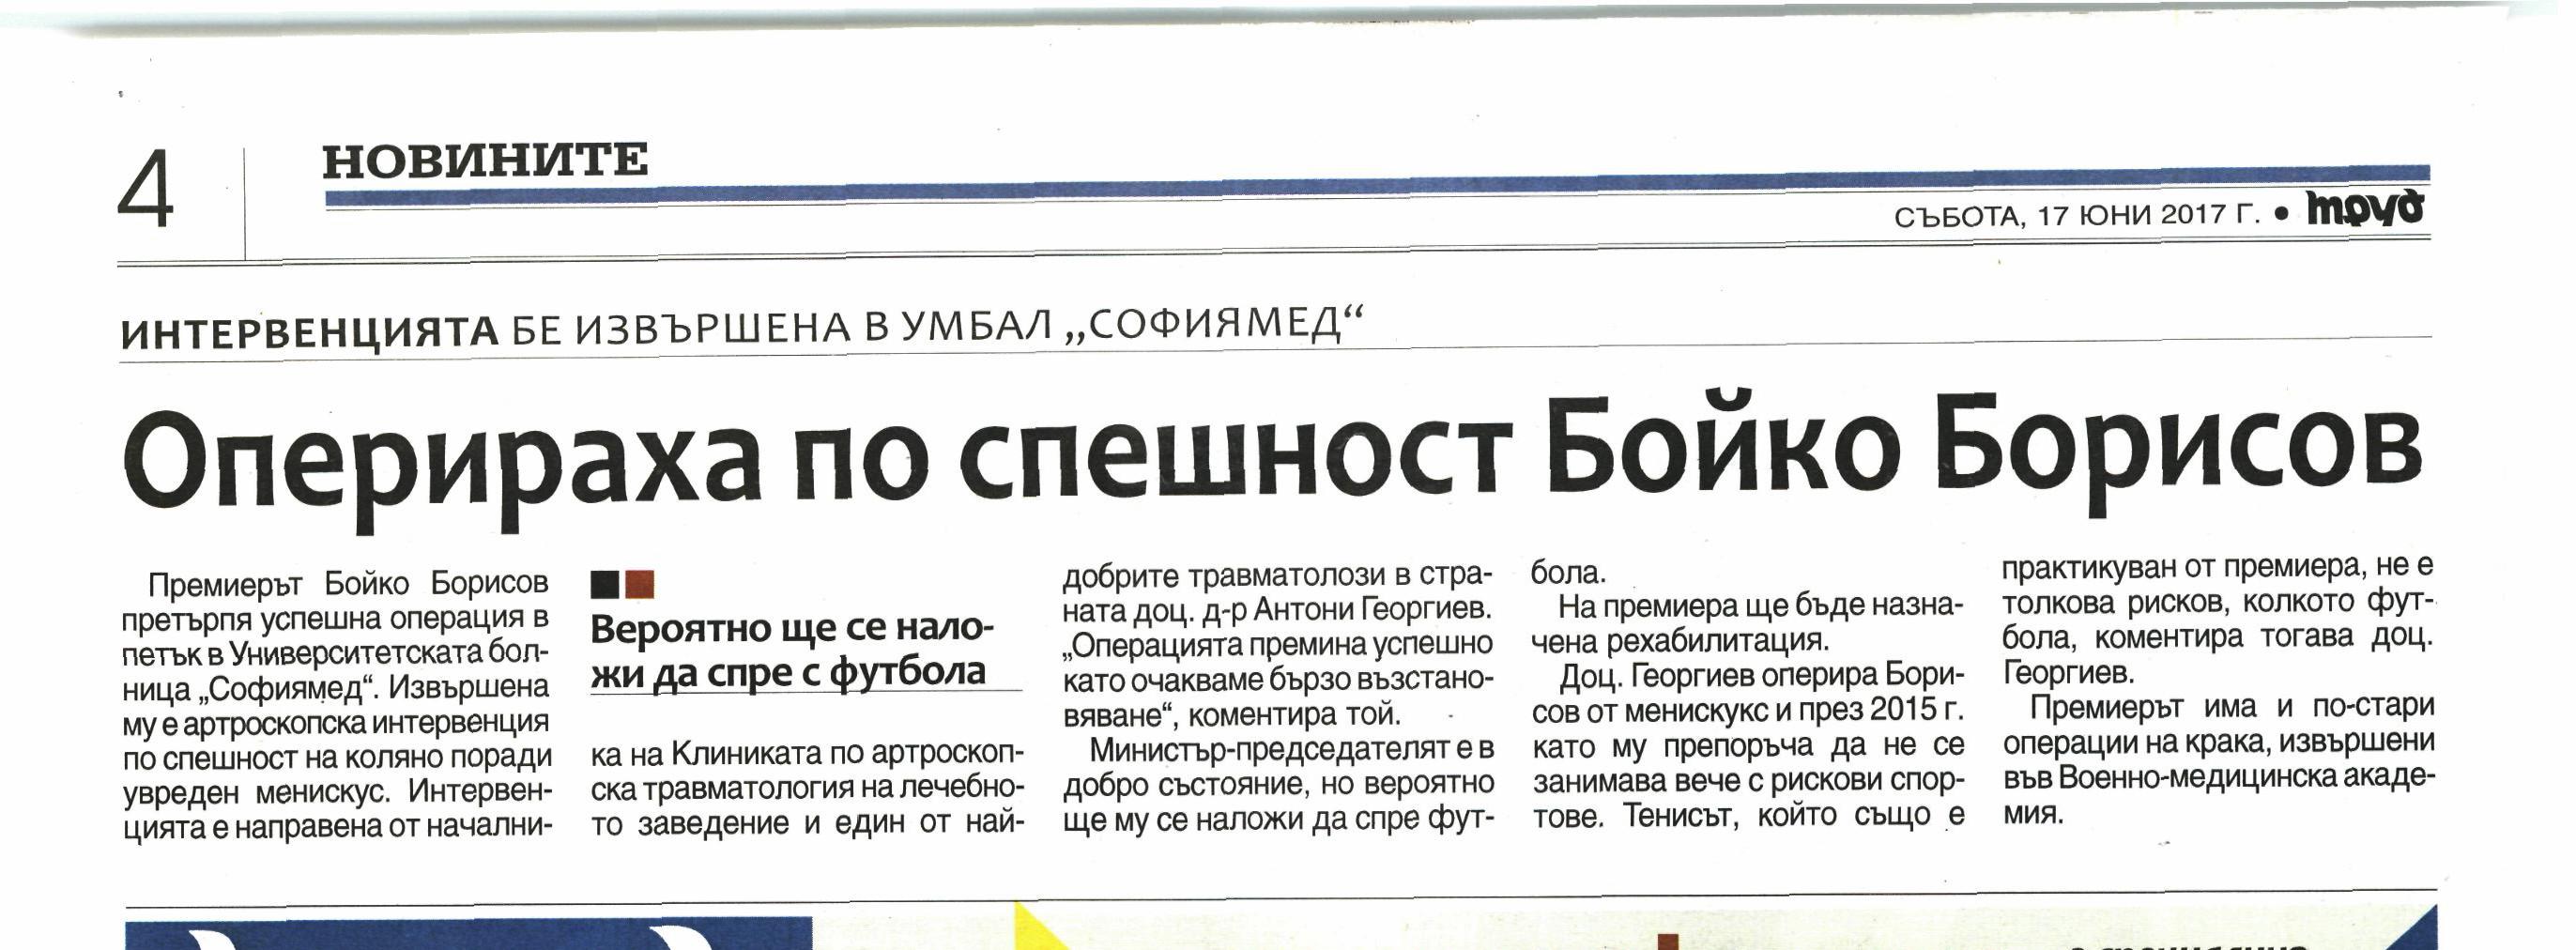 Оперираха за четвърти път коляното на Борисов Цветанов: Премиерът е добре, вече работи